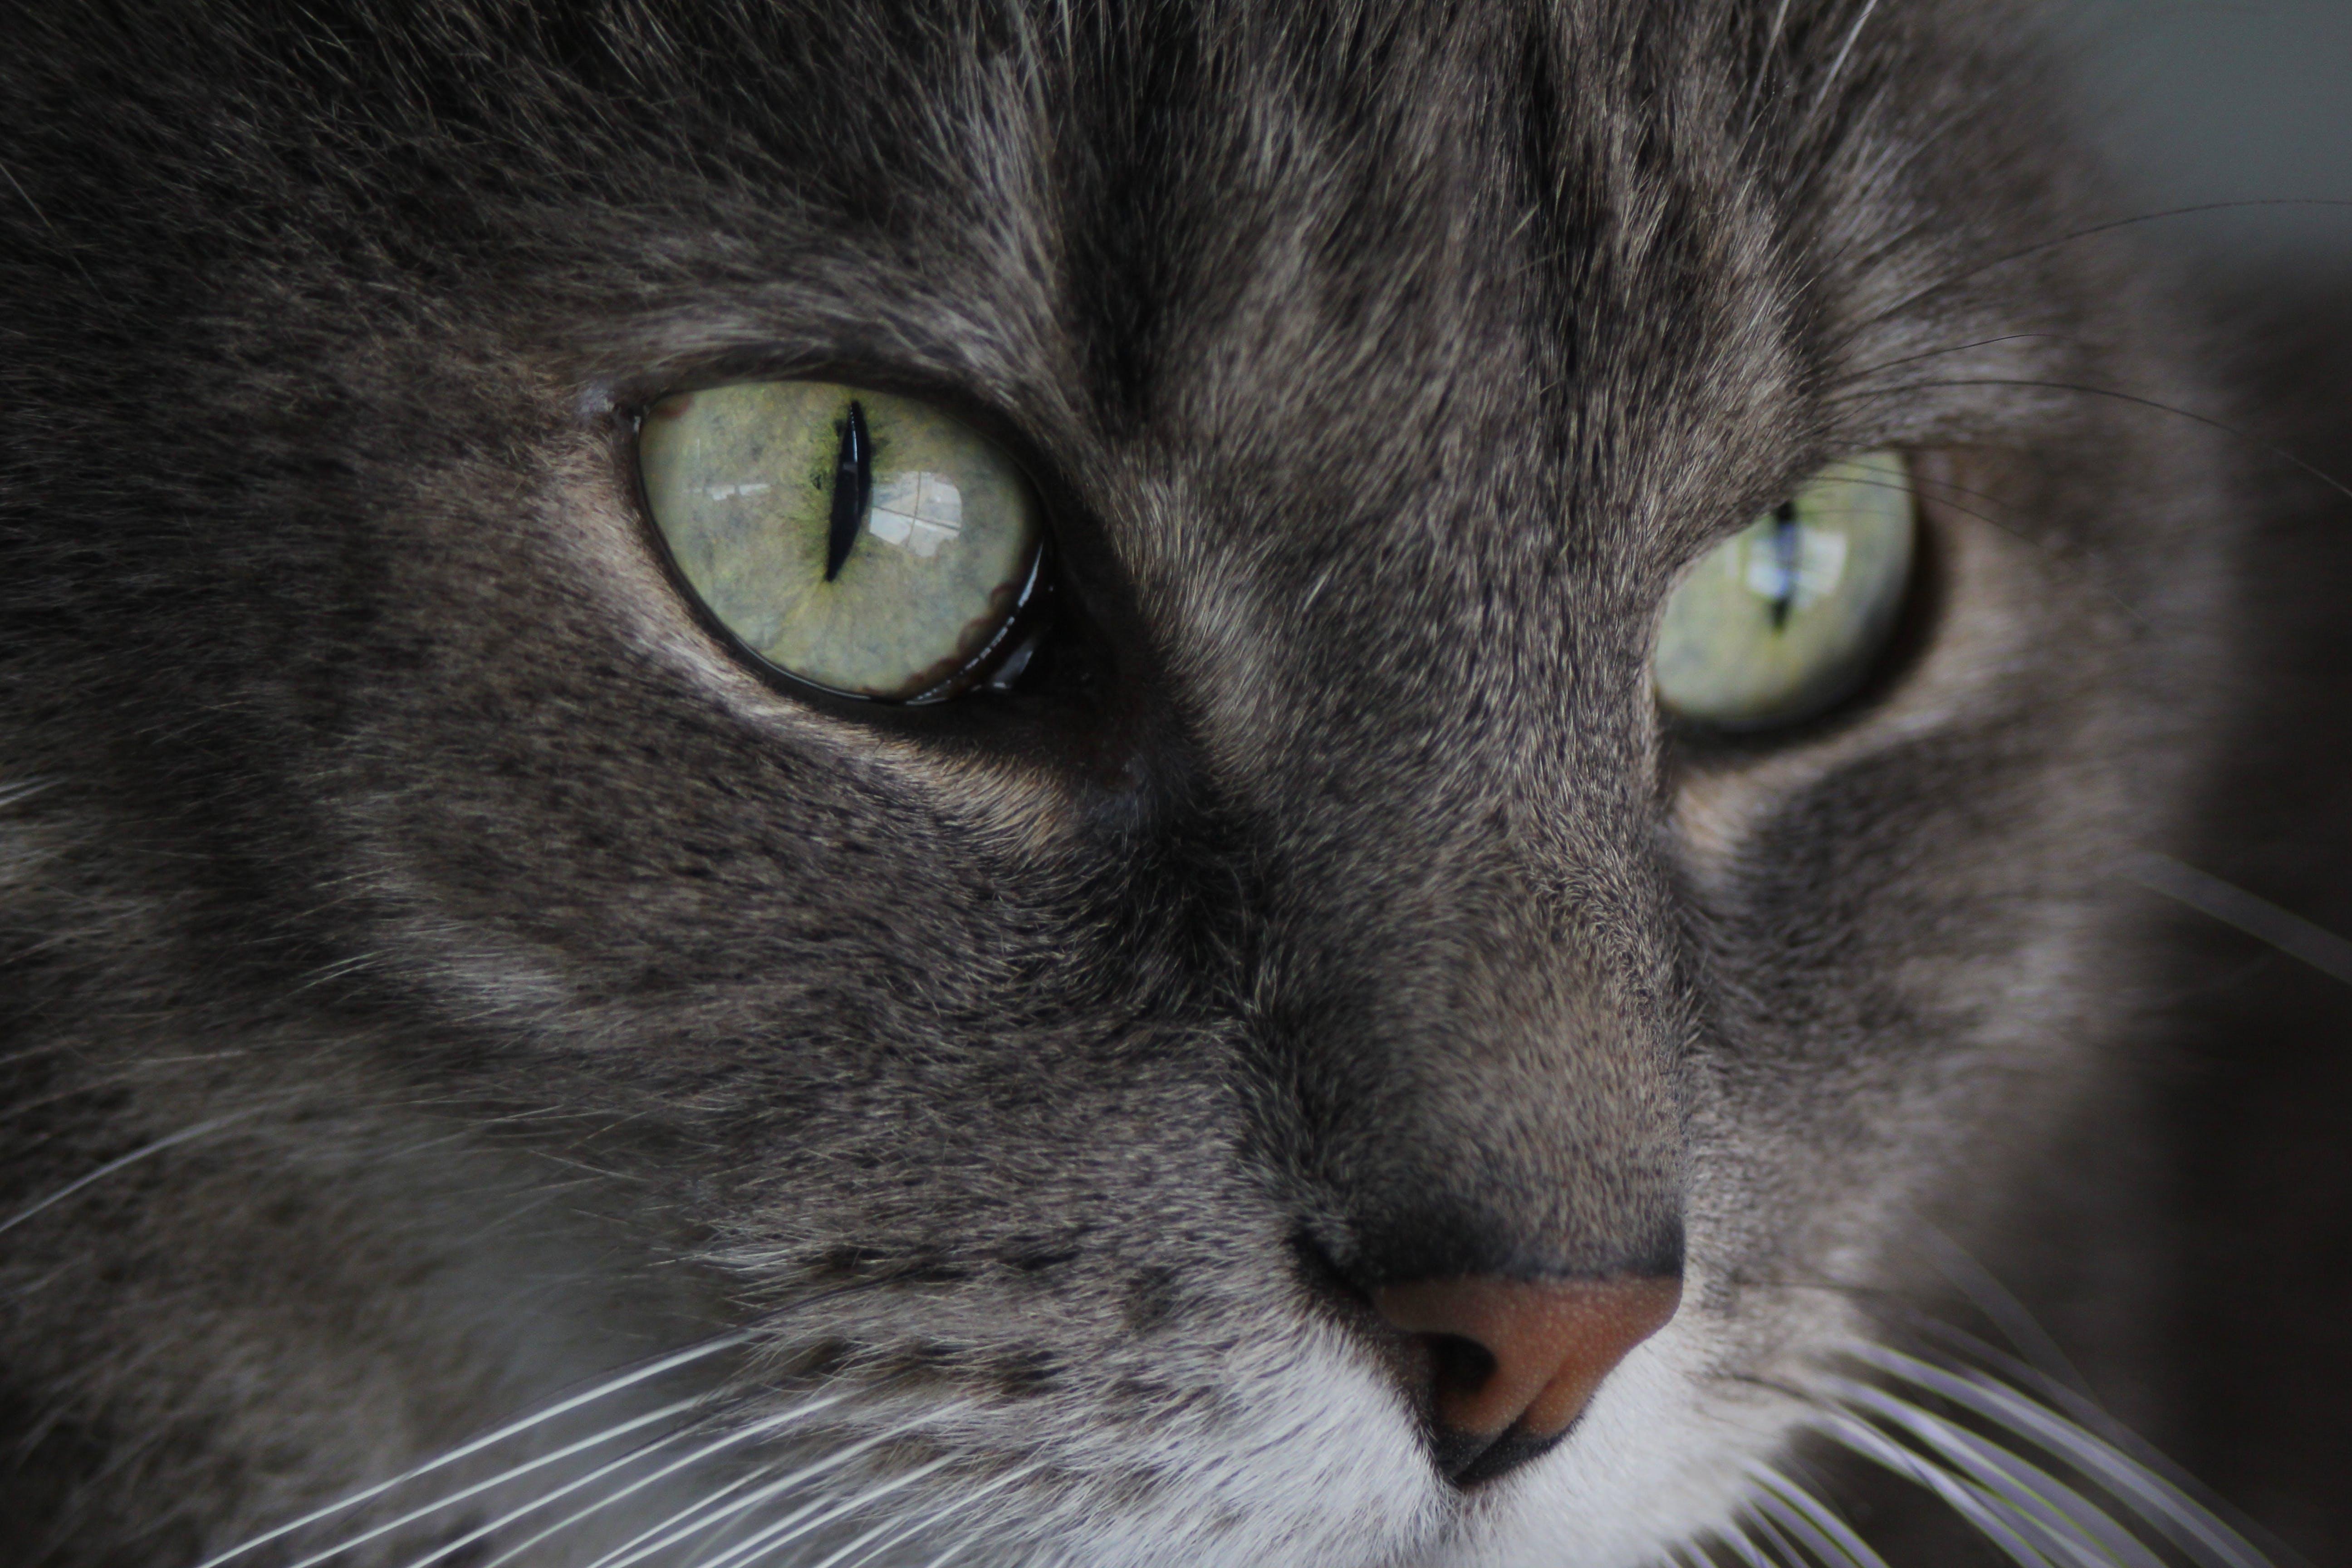 ネコ, 灰色の猫, 猫の目, 緑の目の無料の写真素材